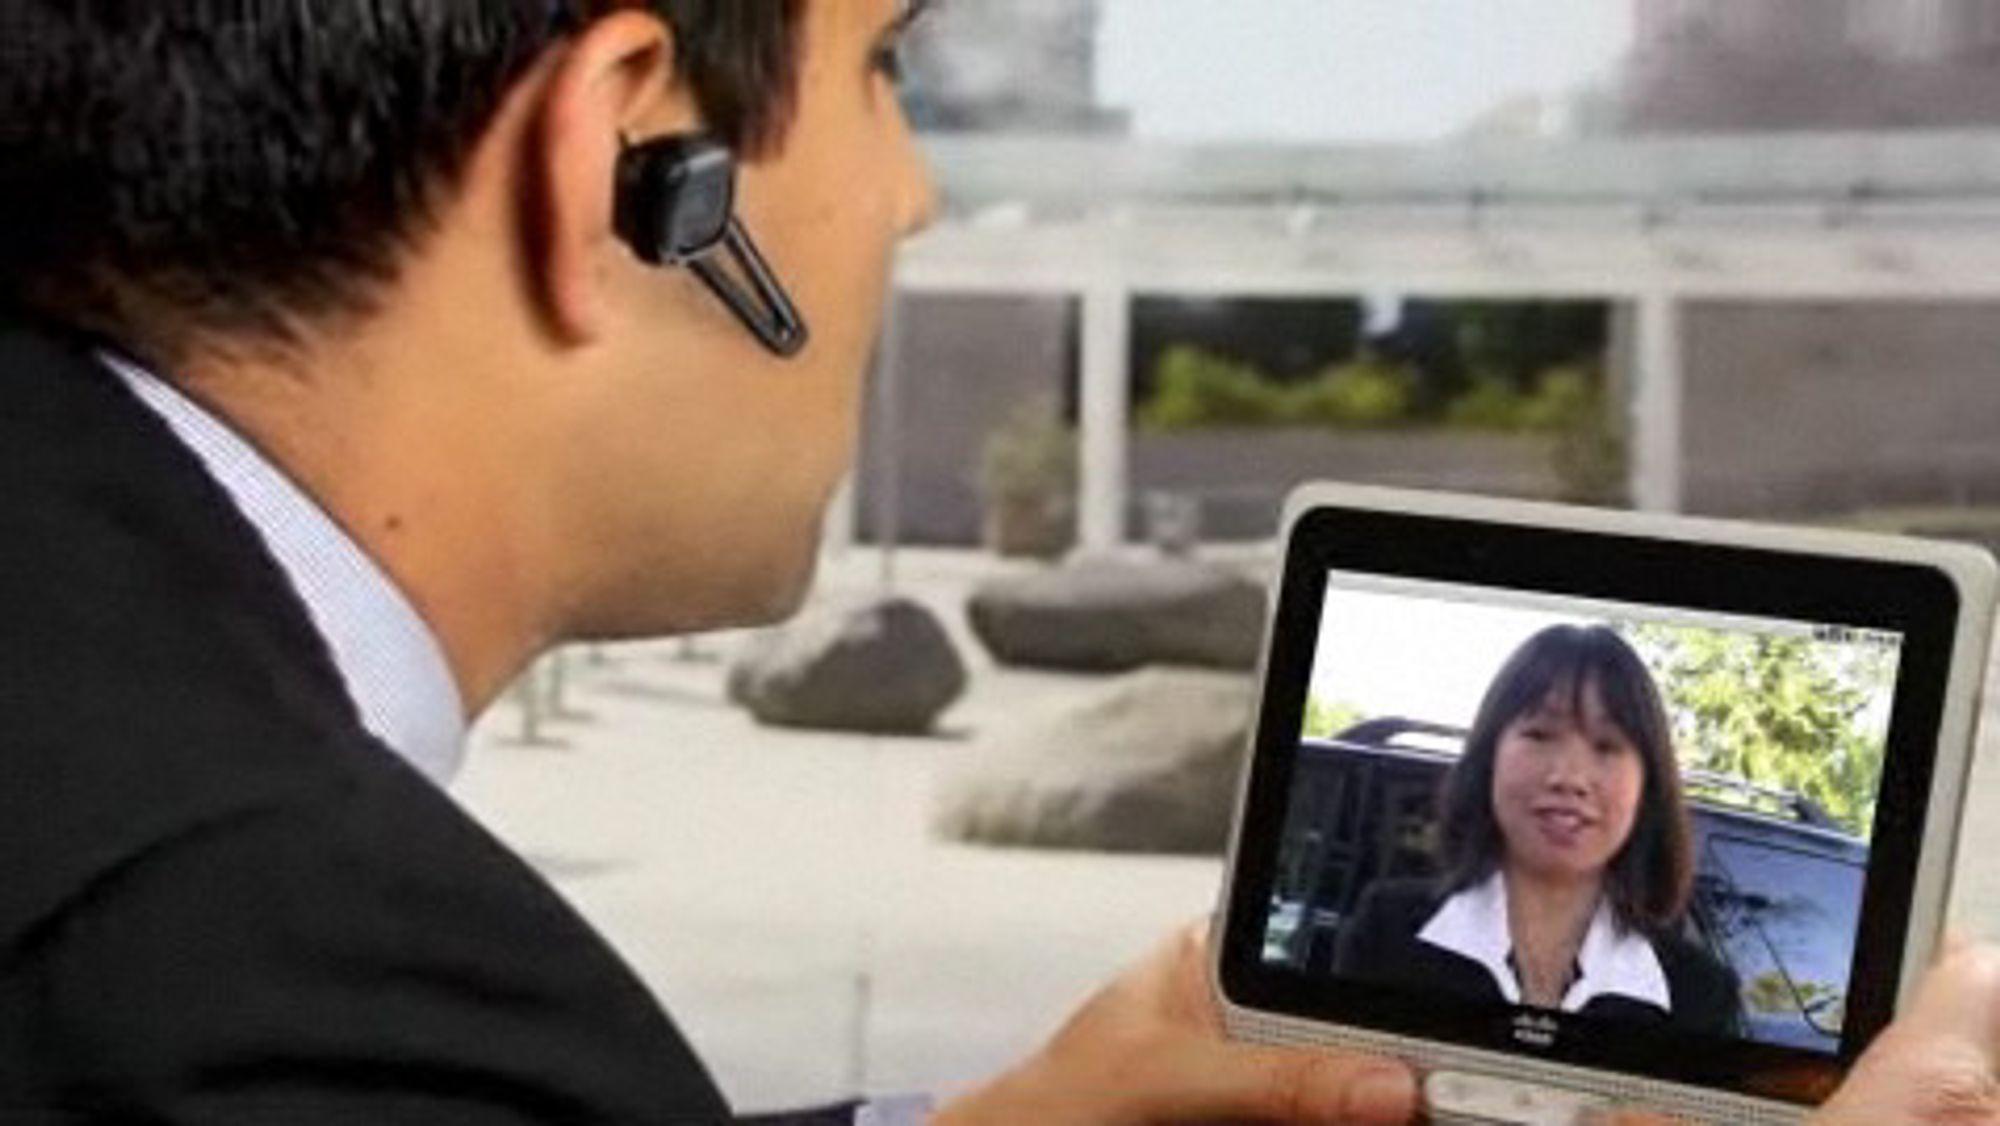 Cius som mobil videotelefon, er med tale over Bluetooth øretelefon.